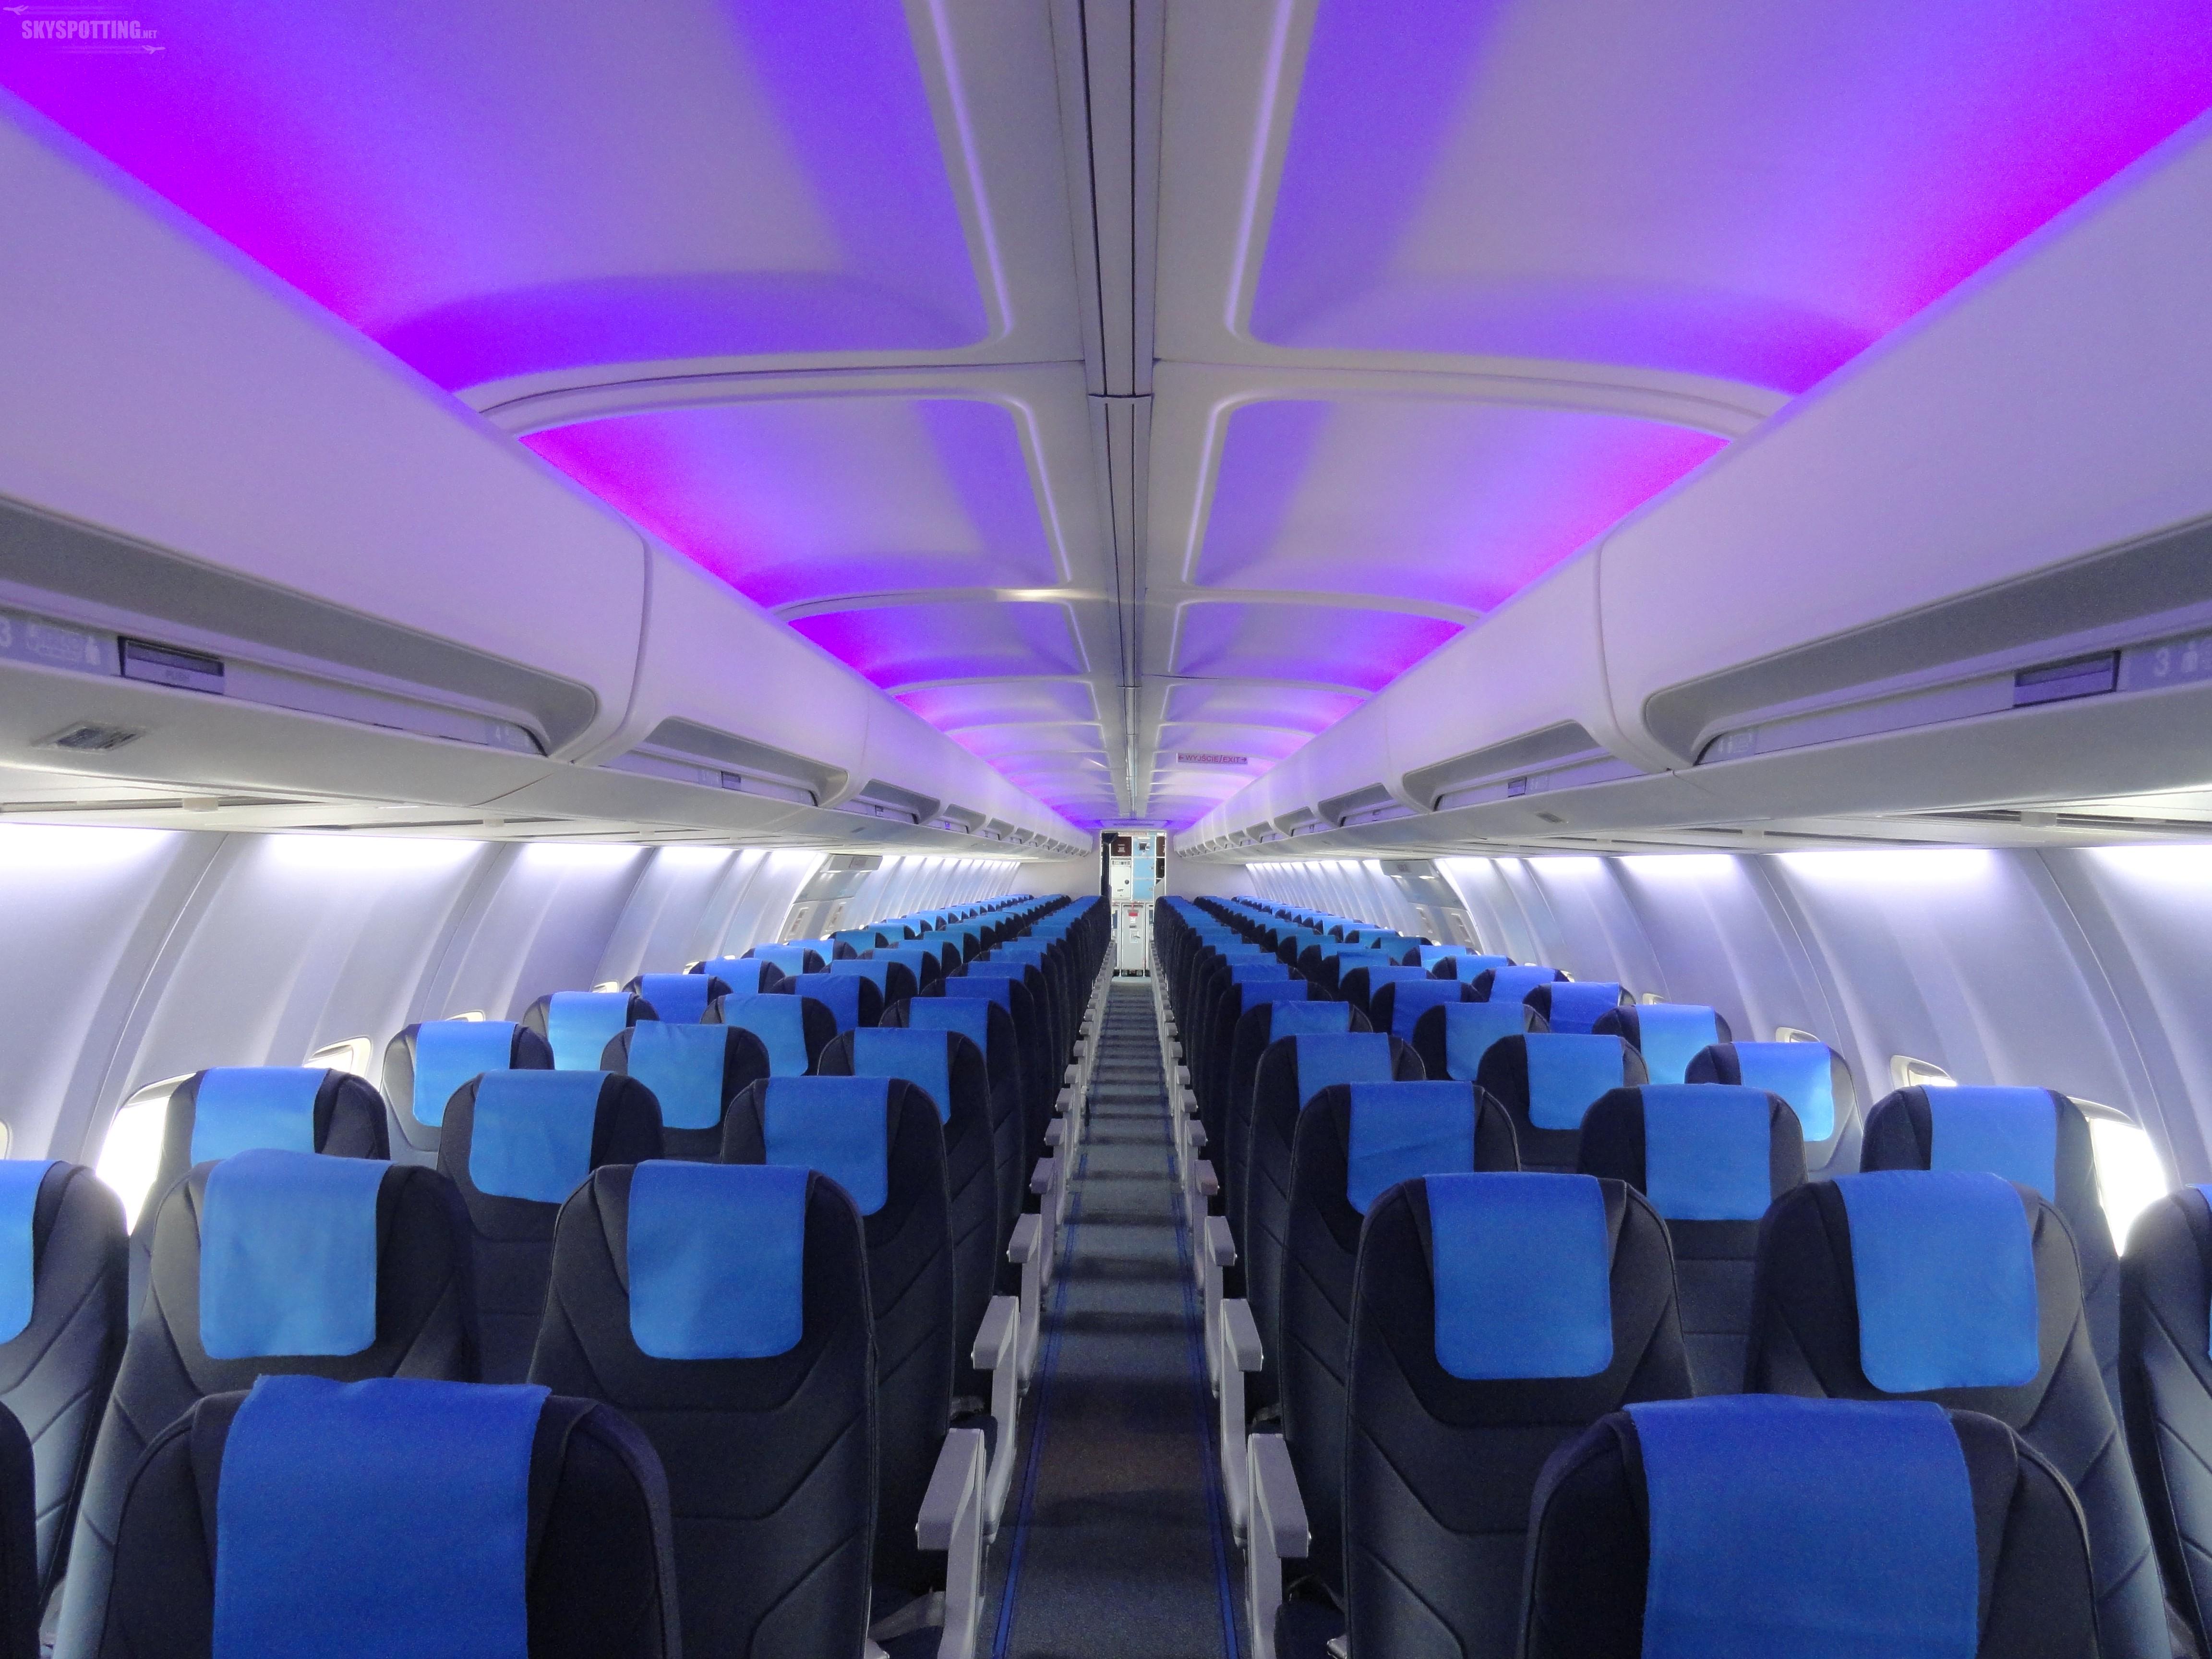 Nowe fotele, więcej przestrzeni i nowoczesne oświetlenie – pierwszy odnowiony Boeing 737 już w powietrzu!